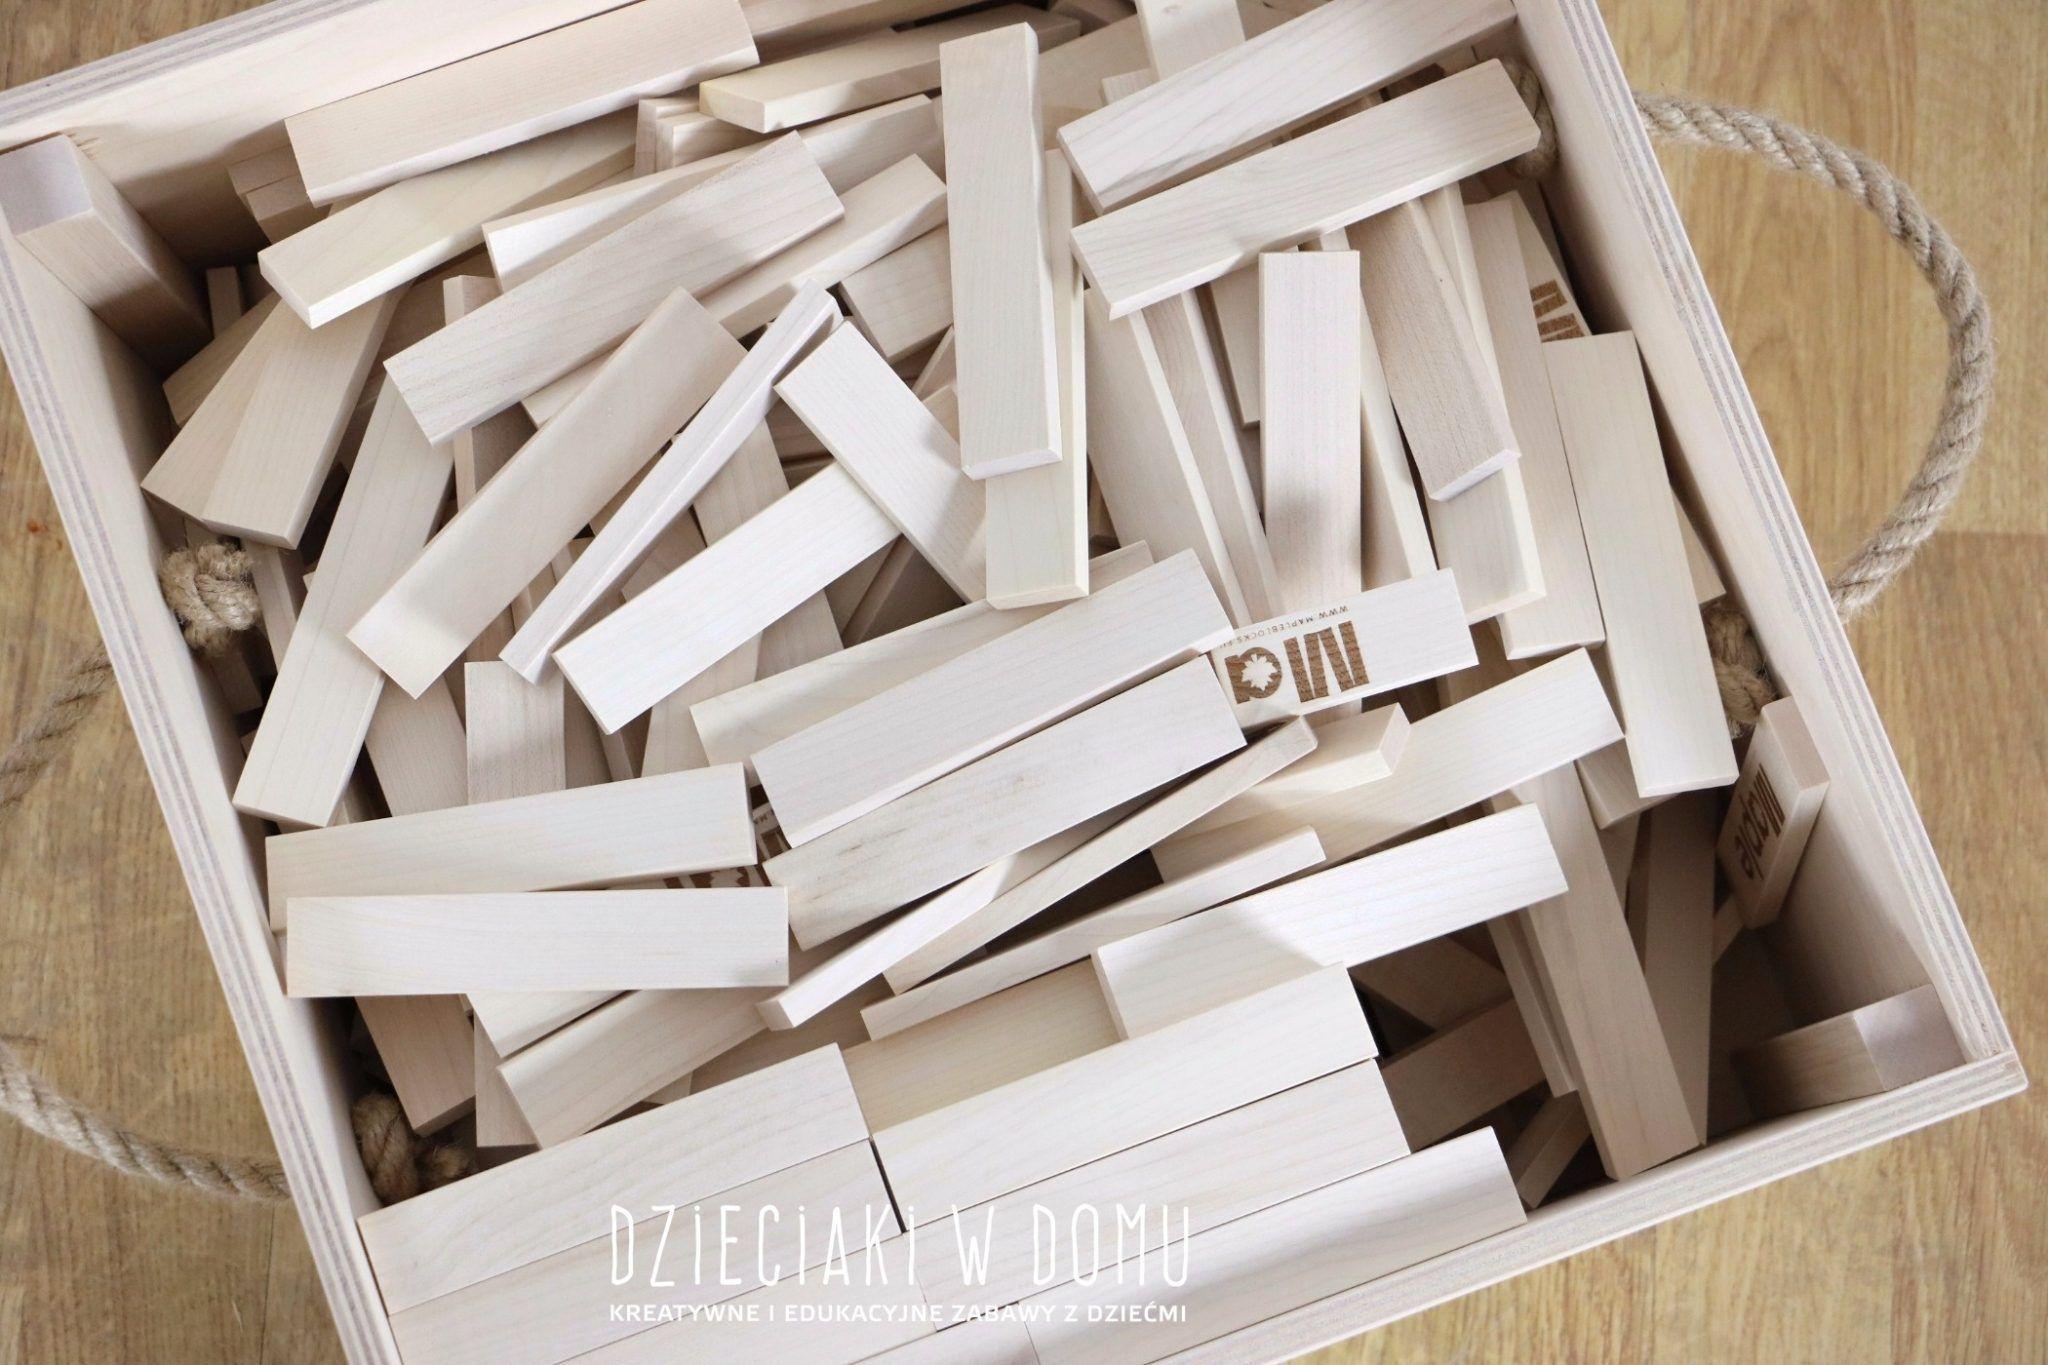 drewniane klocki maple - klockologia - klocki dla dzieci